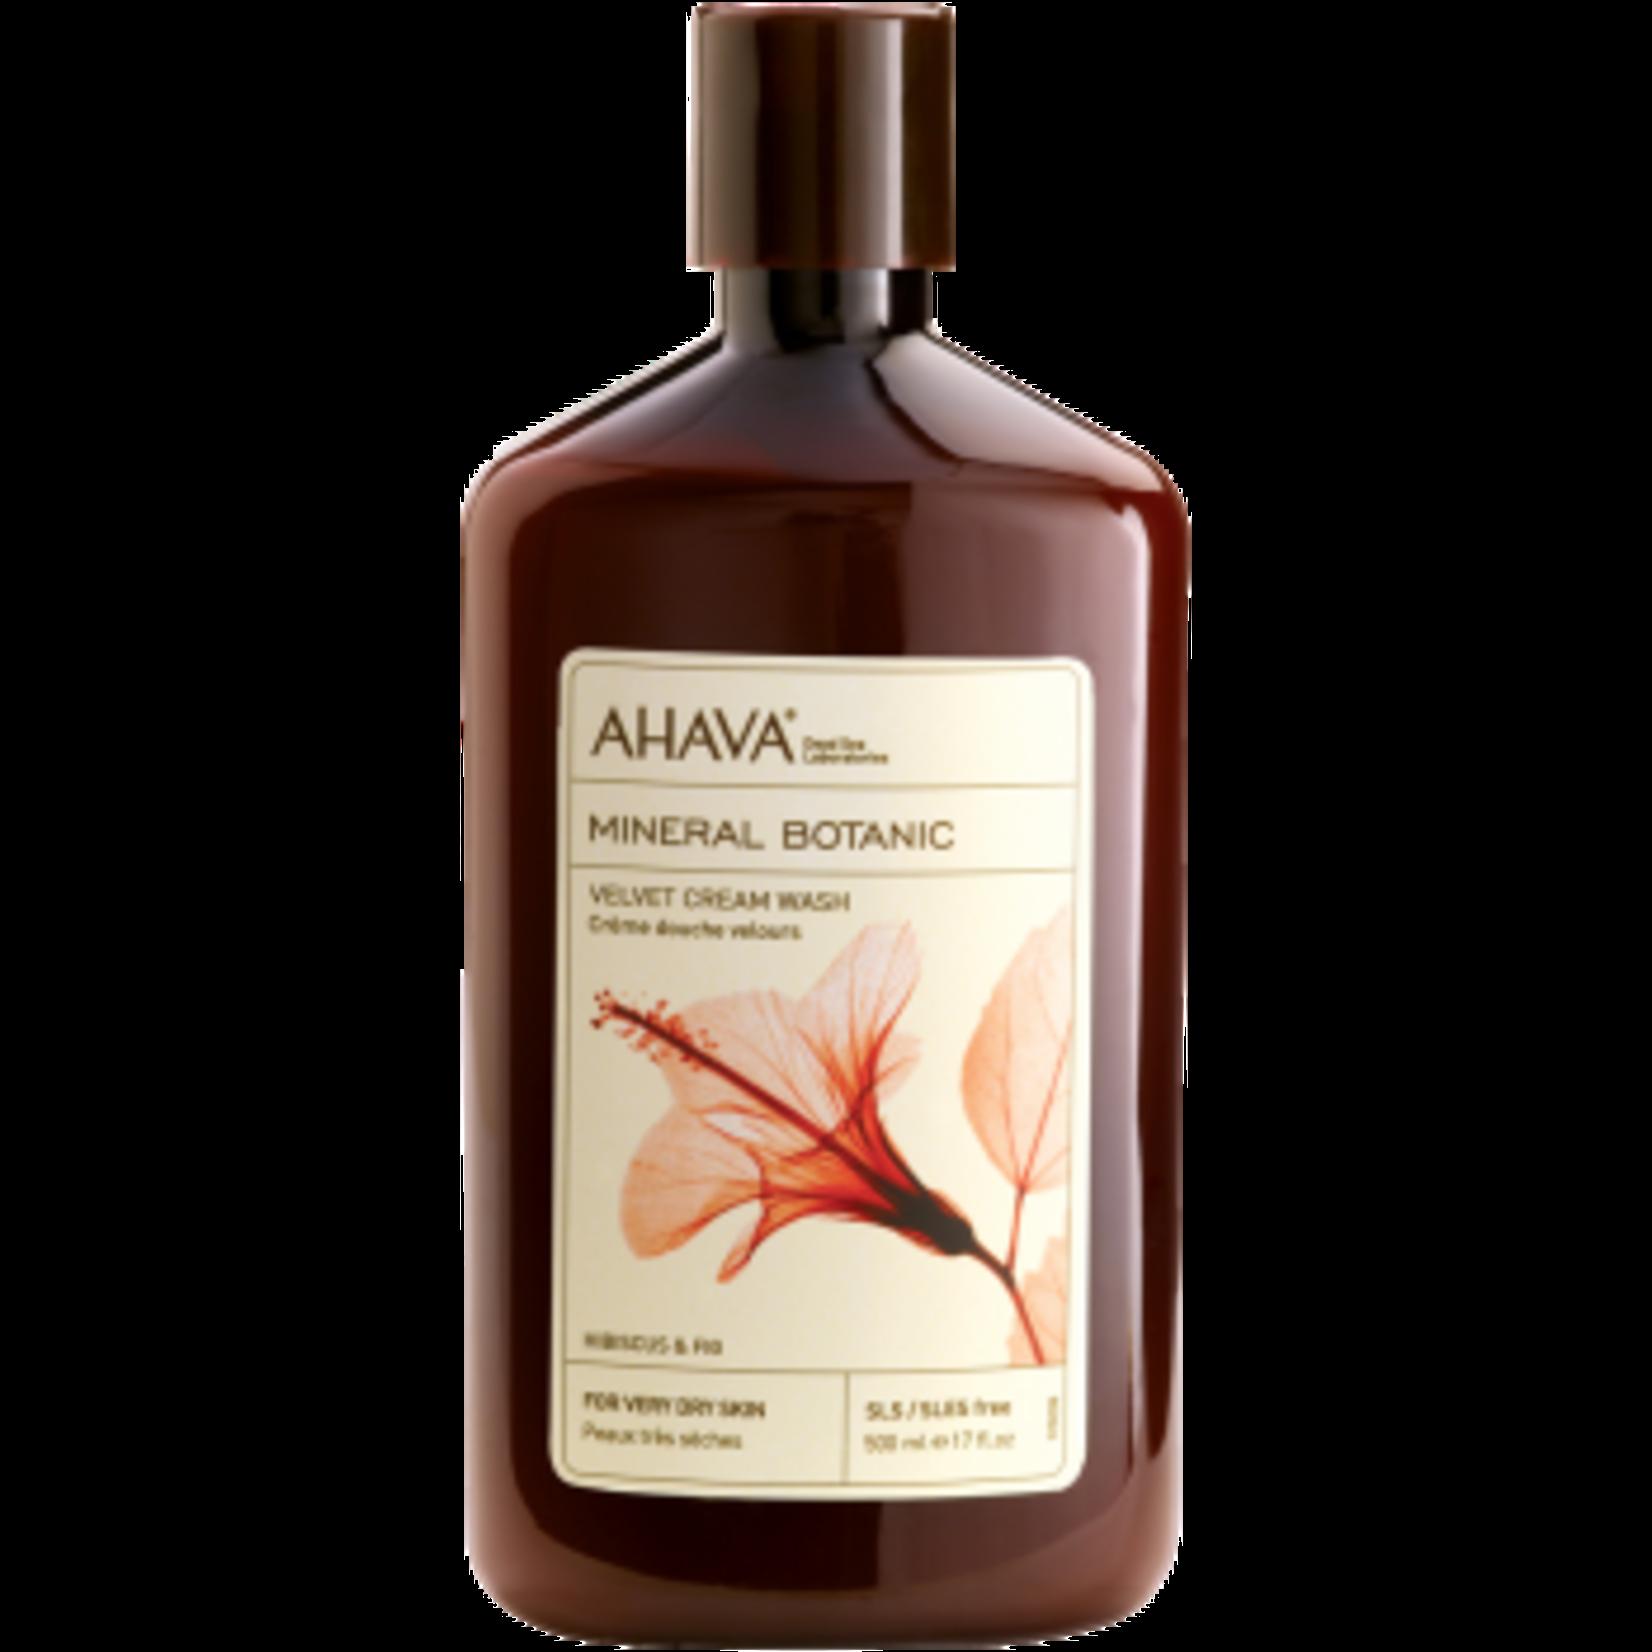 AHAVA cream wash hibiscus& fig 500ml